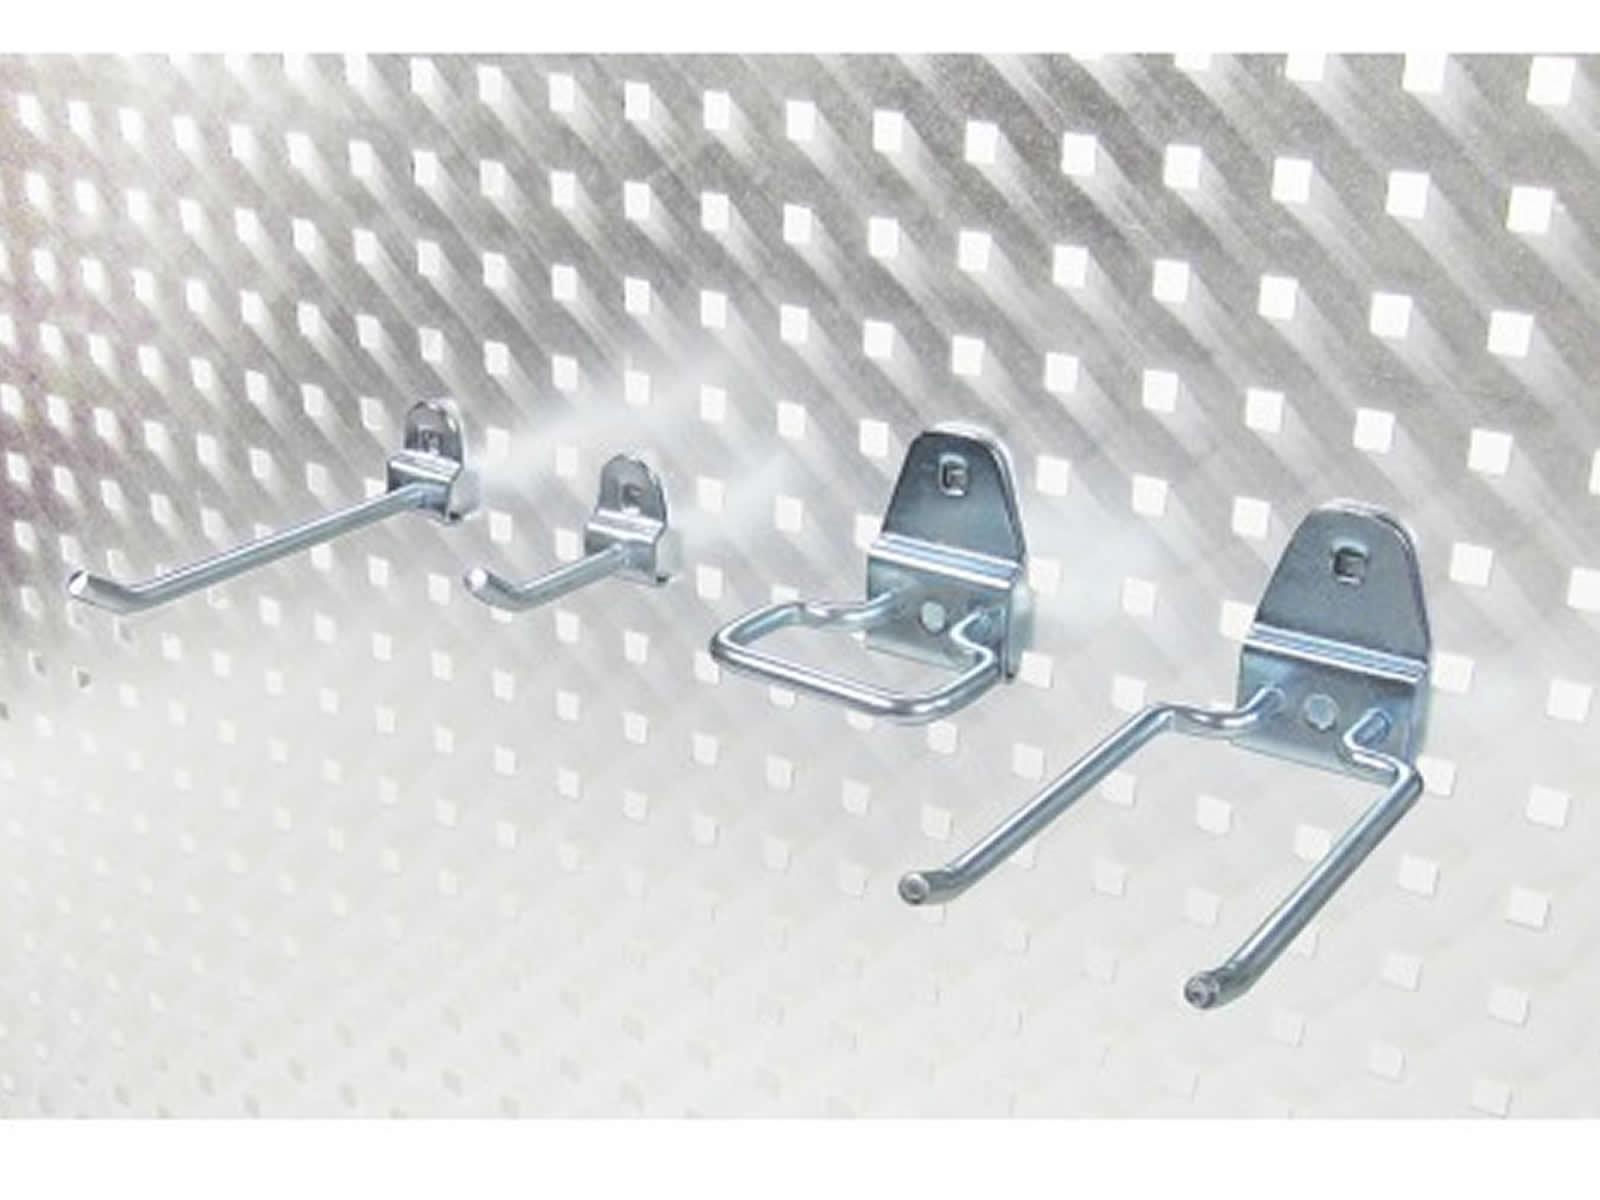 werkstattwand werkstatt lochwand hakensortiment haken f r werkzeuge mit zubeh r ebay. Black Bedroom Furniture Sets. Home Design Ideas